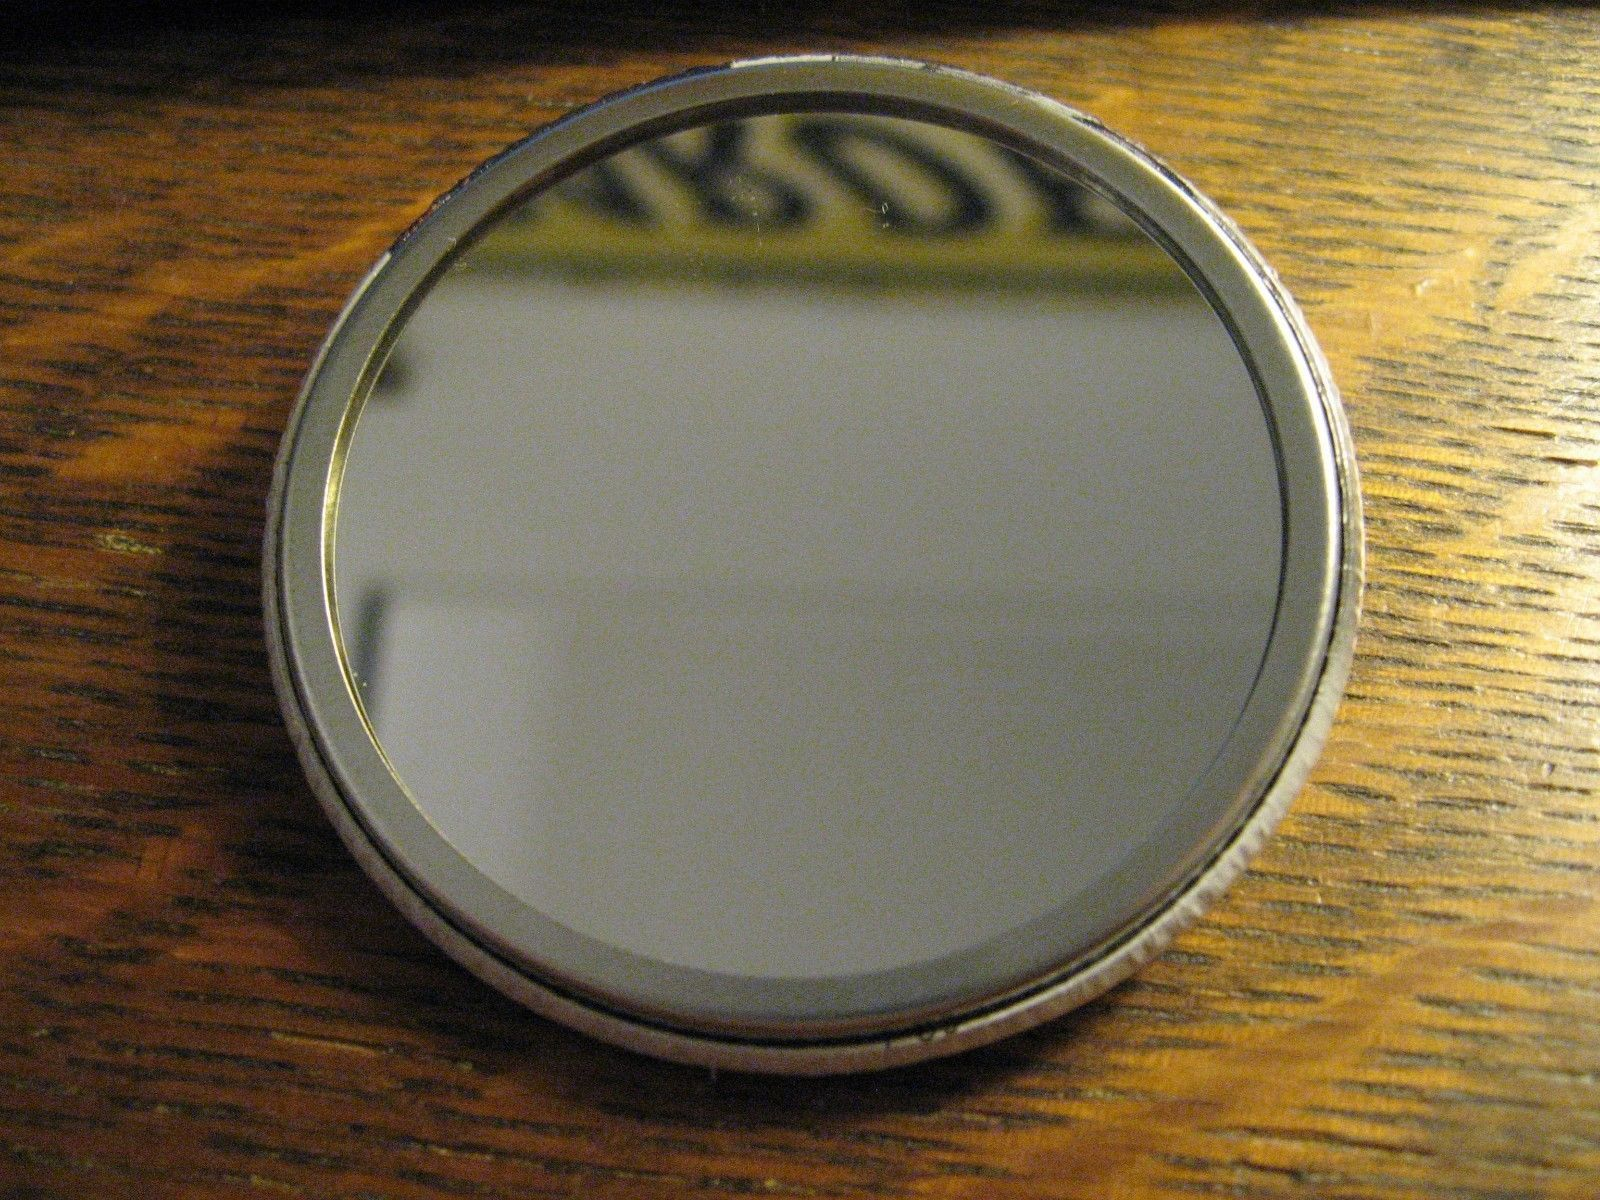 IWC Schaffhausen Pocket Mirror - Repurposed Watch Advertisement Lipstick Mirror